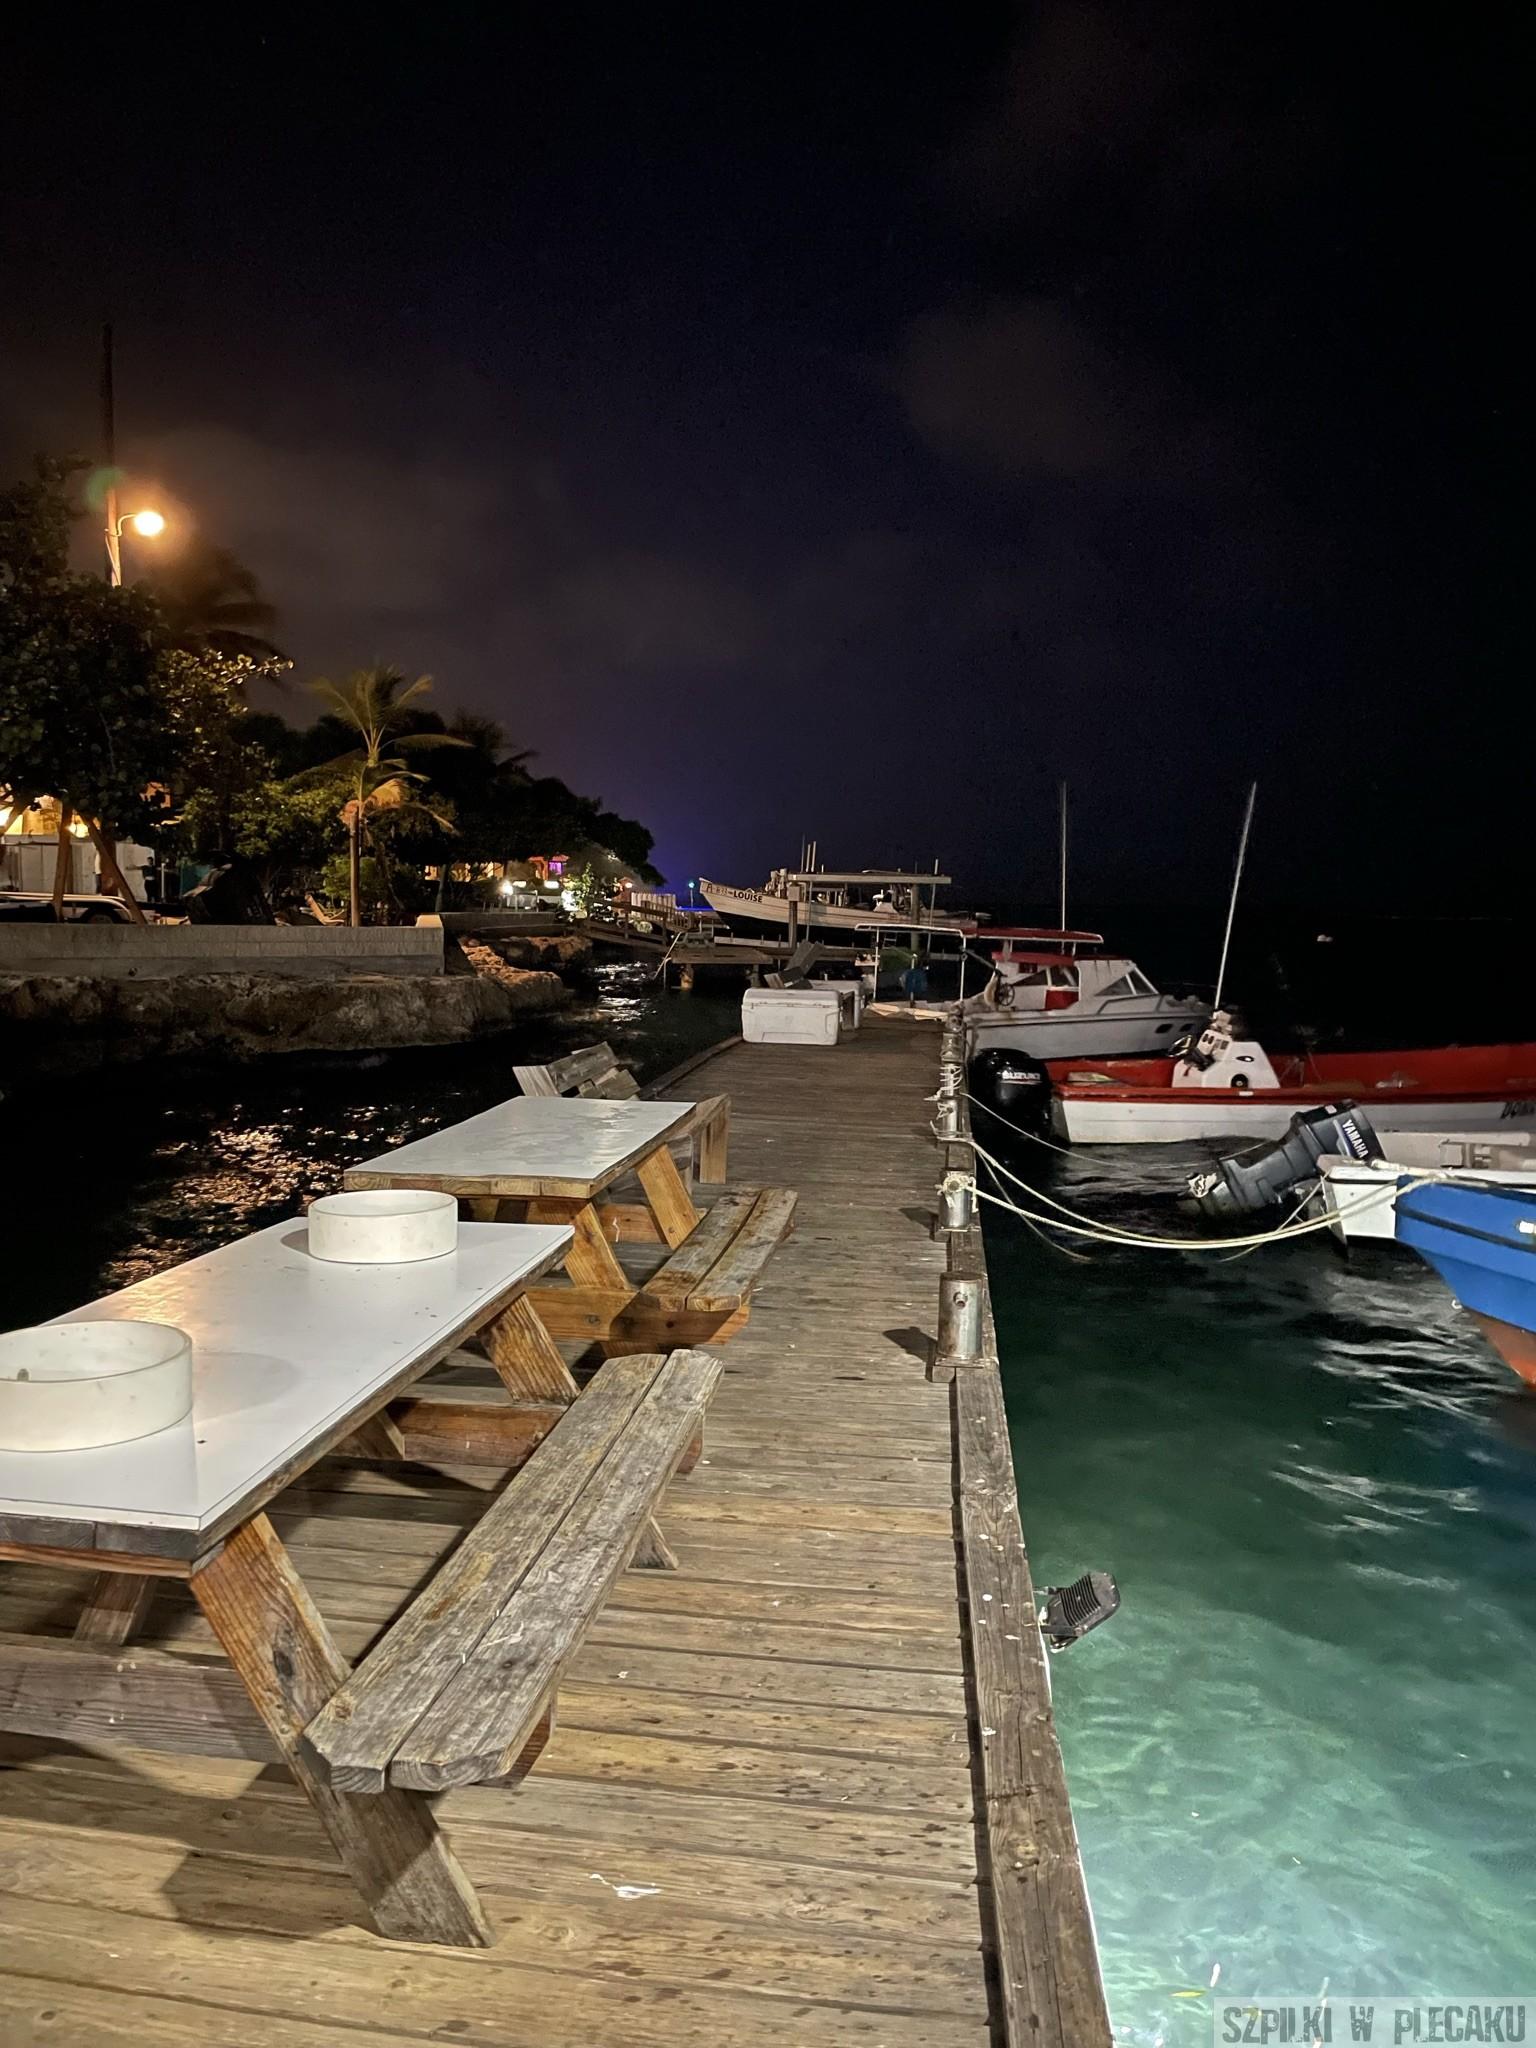 zeerover - Aruba - Szpilki w plecaku